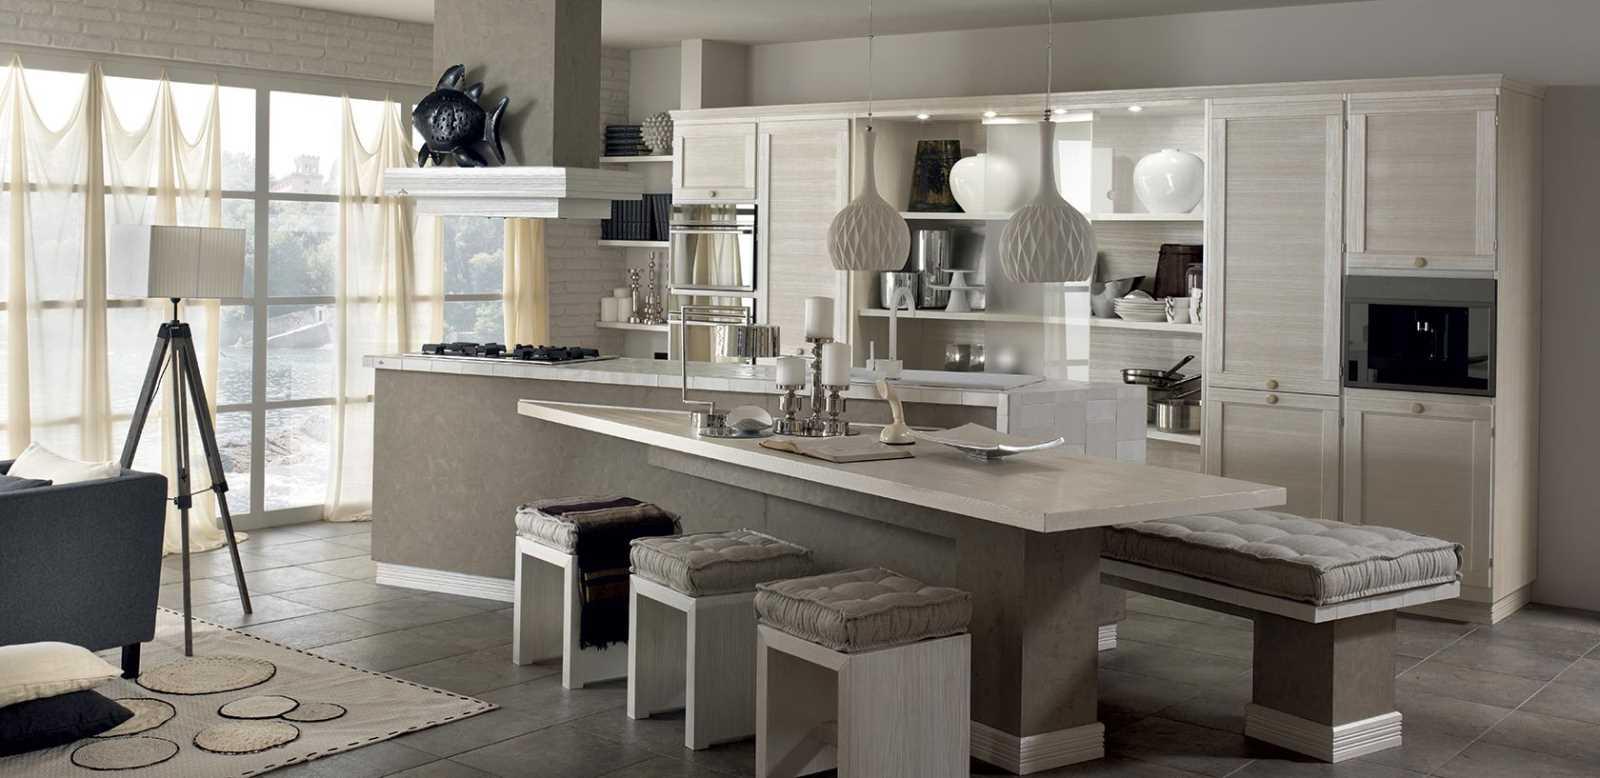 cucina zappalorto modello terre di toscana